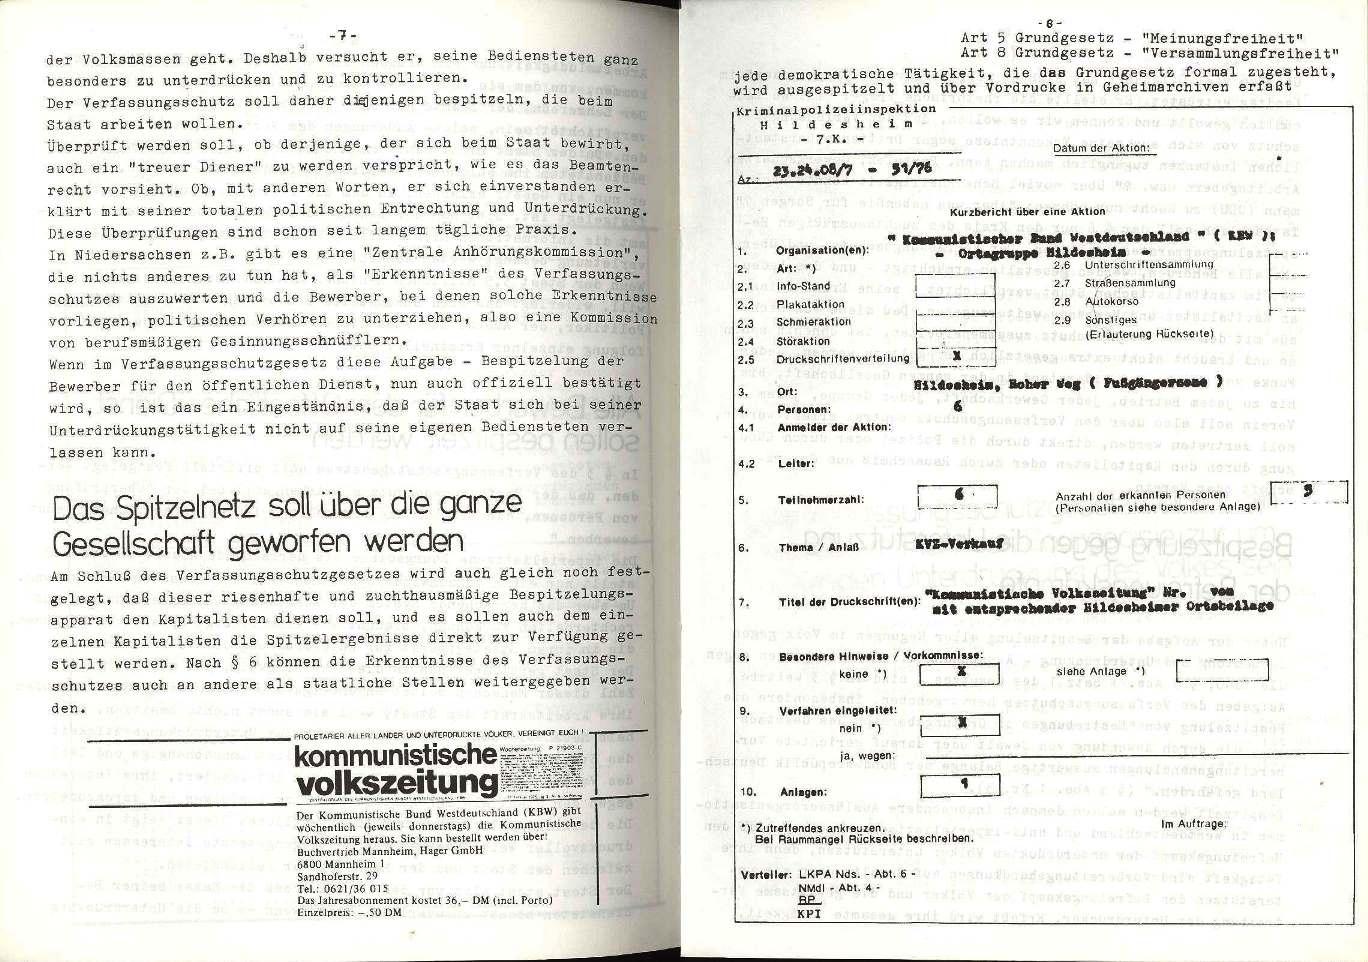 Hannover_Verfassungsschutzgesetz016